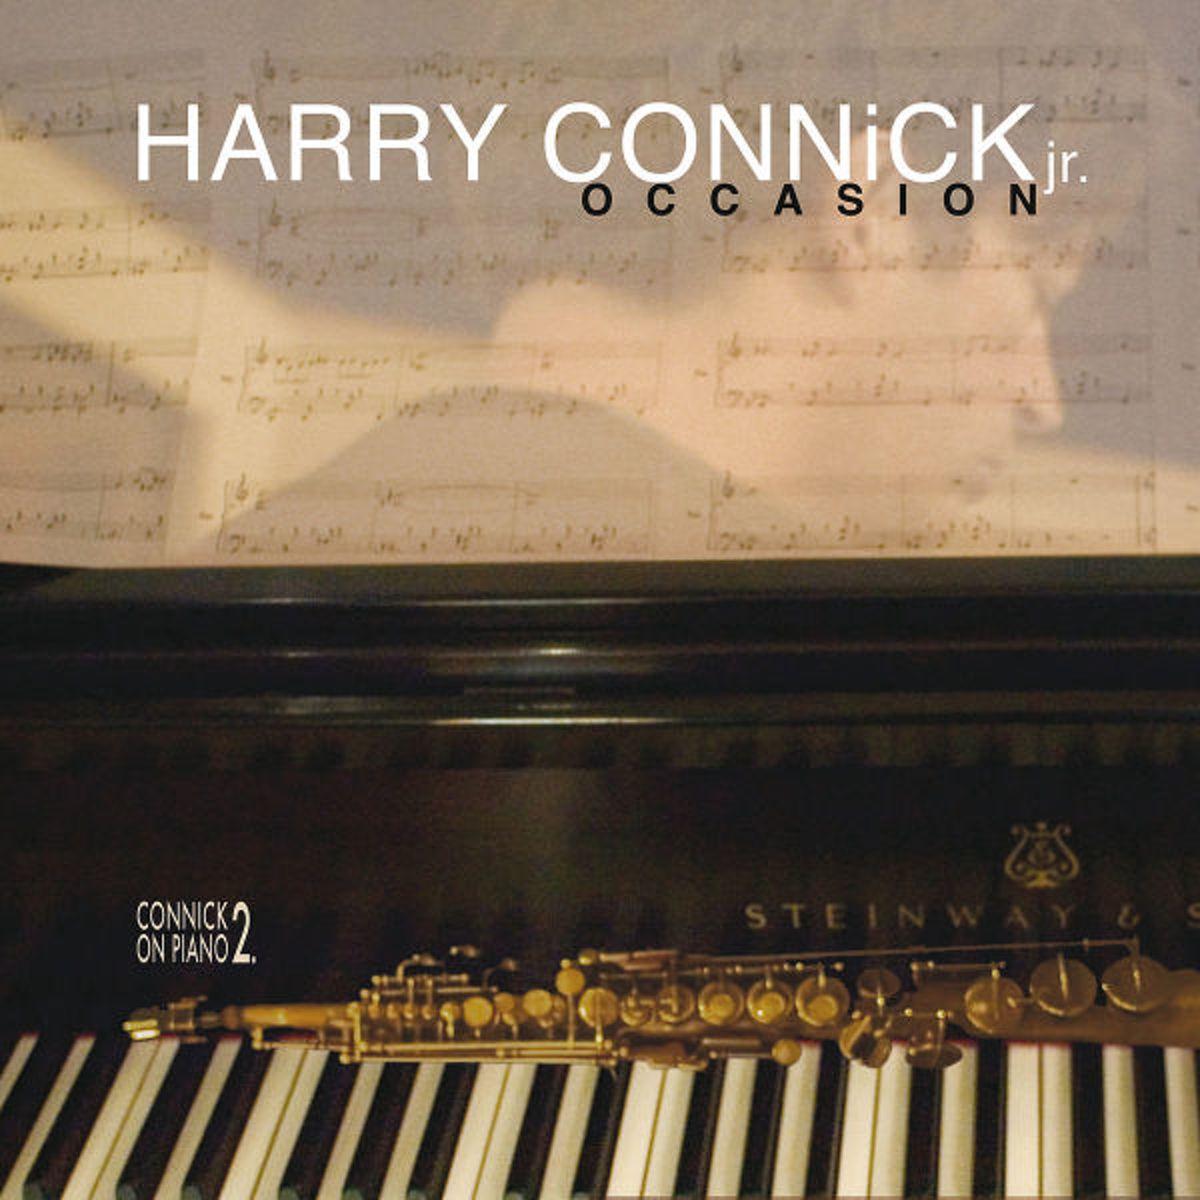 Harry Connick Jr. Occasion harry connick jr paris